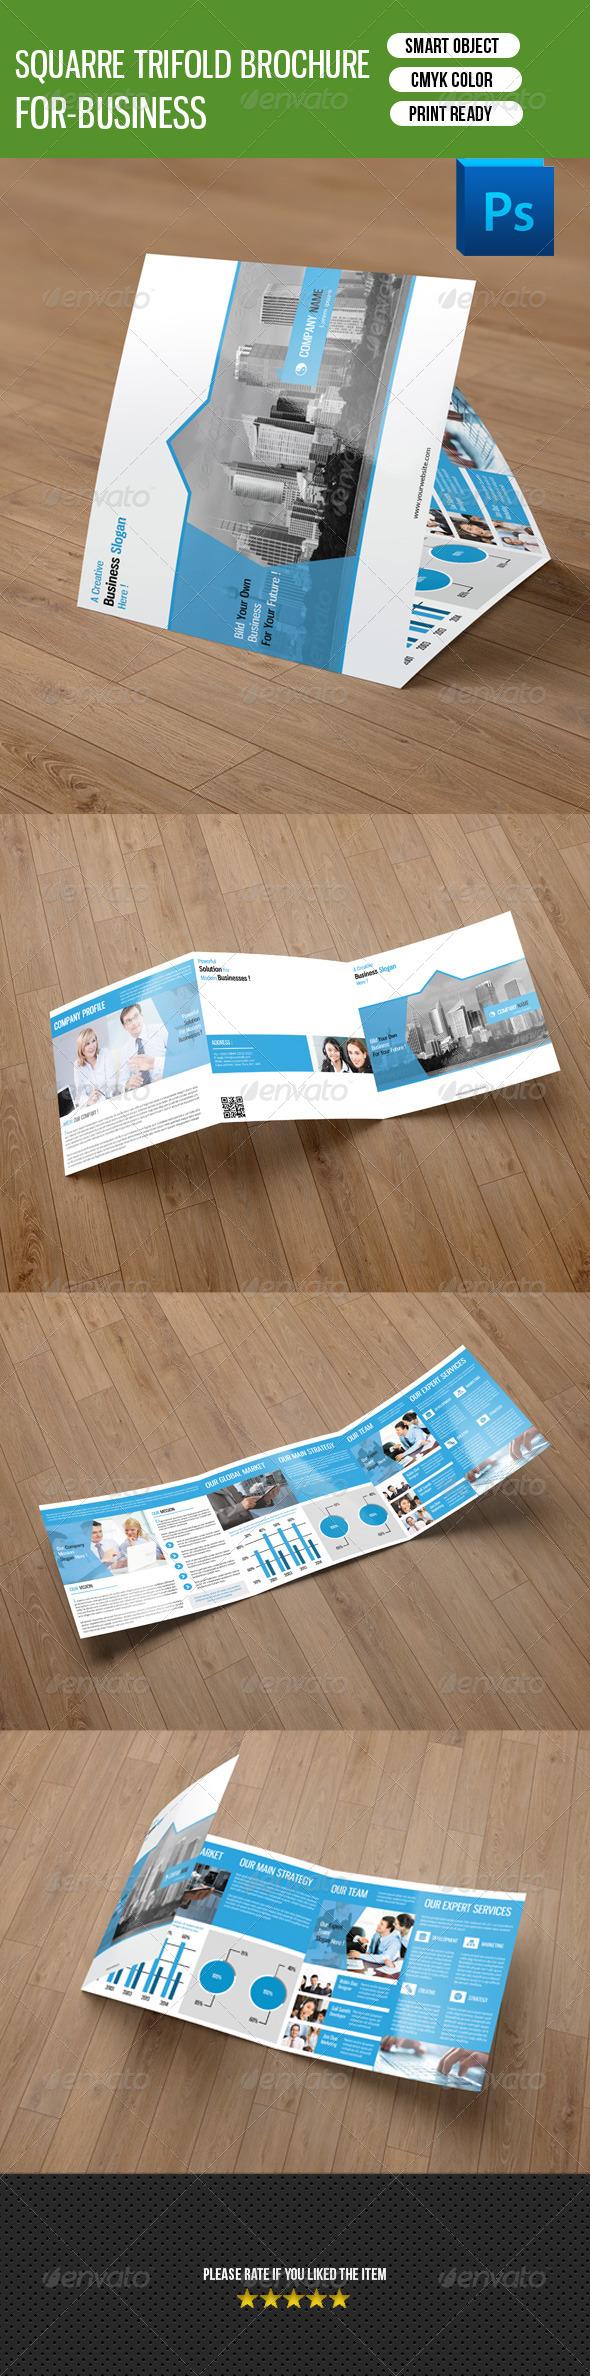 GraphicRiver Square Trifold Brochure-V25 8514094